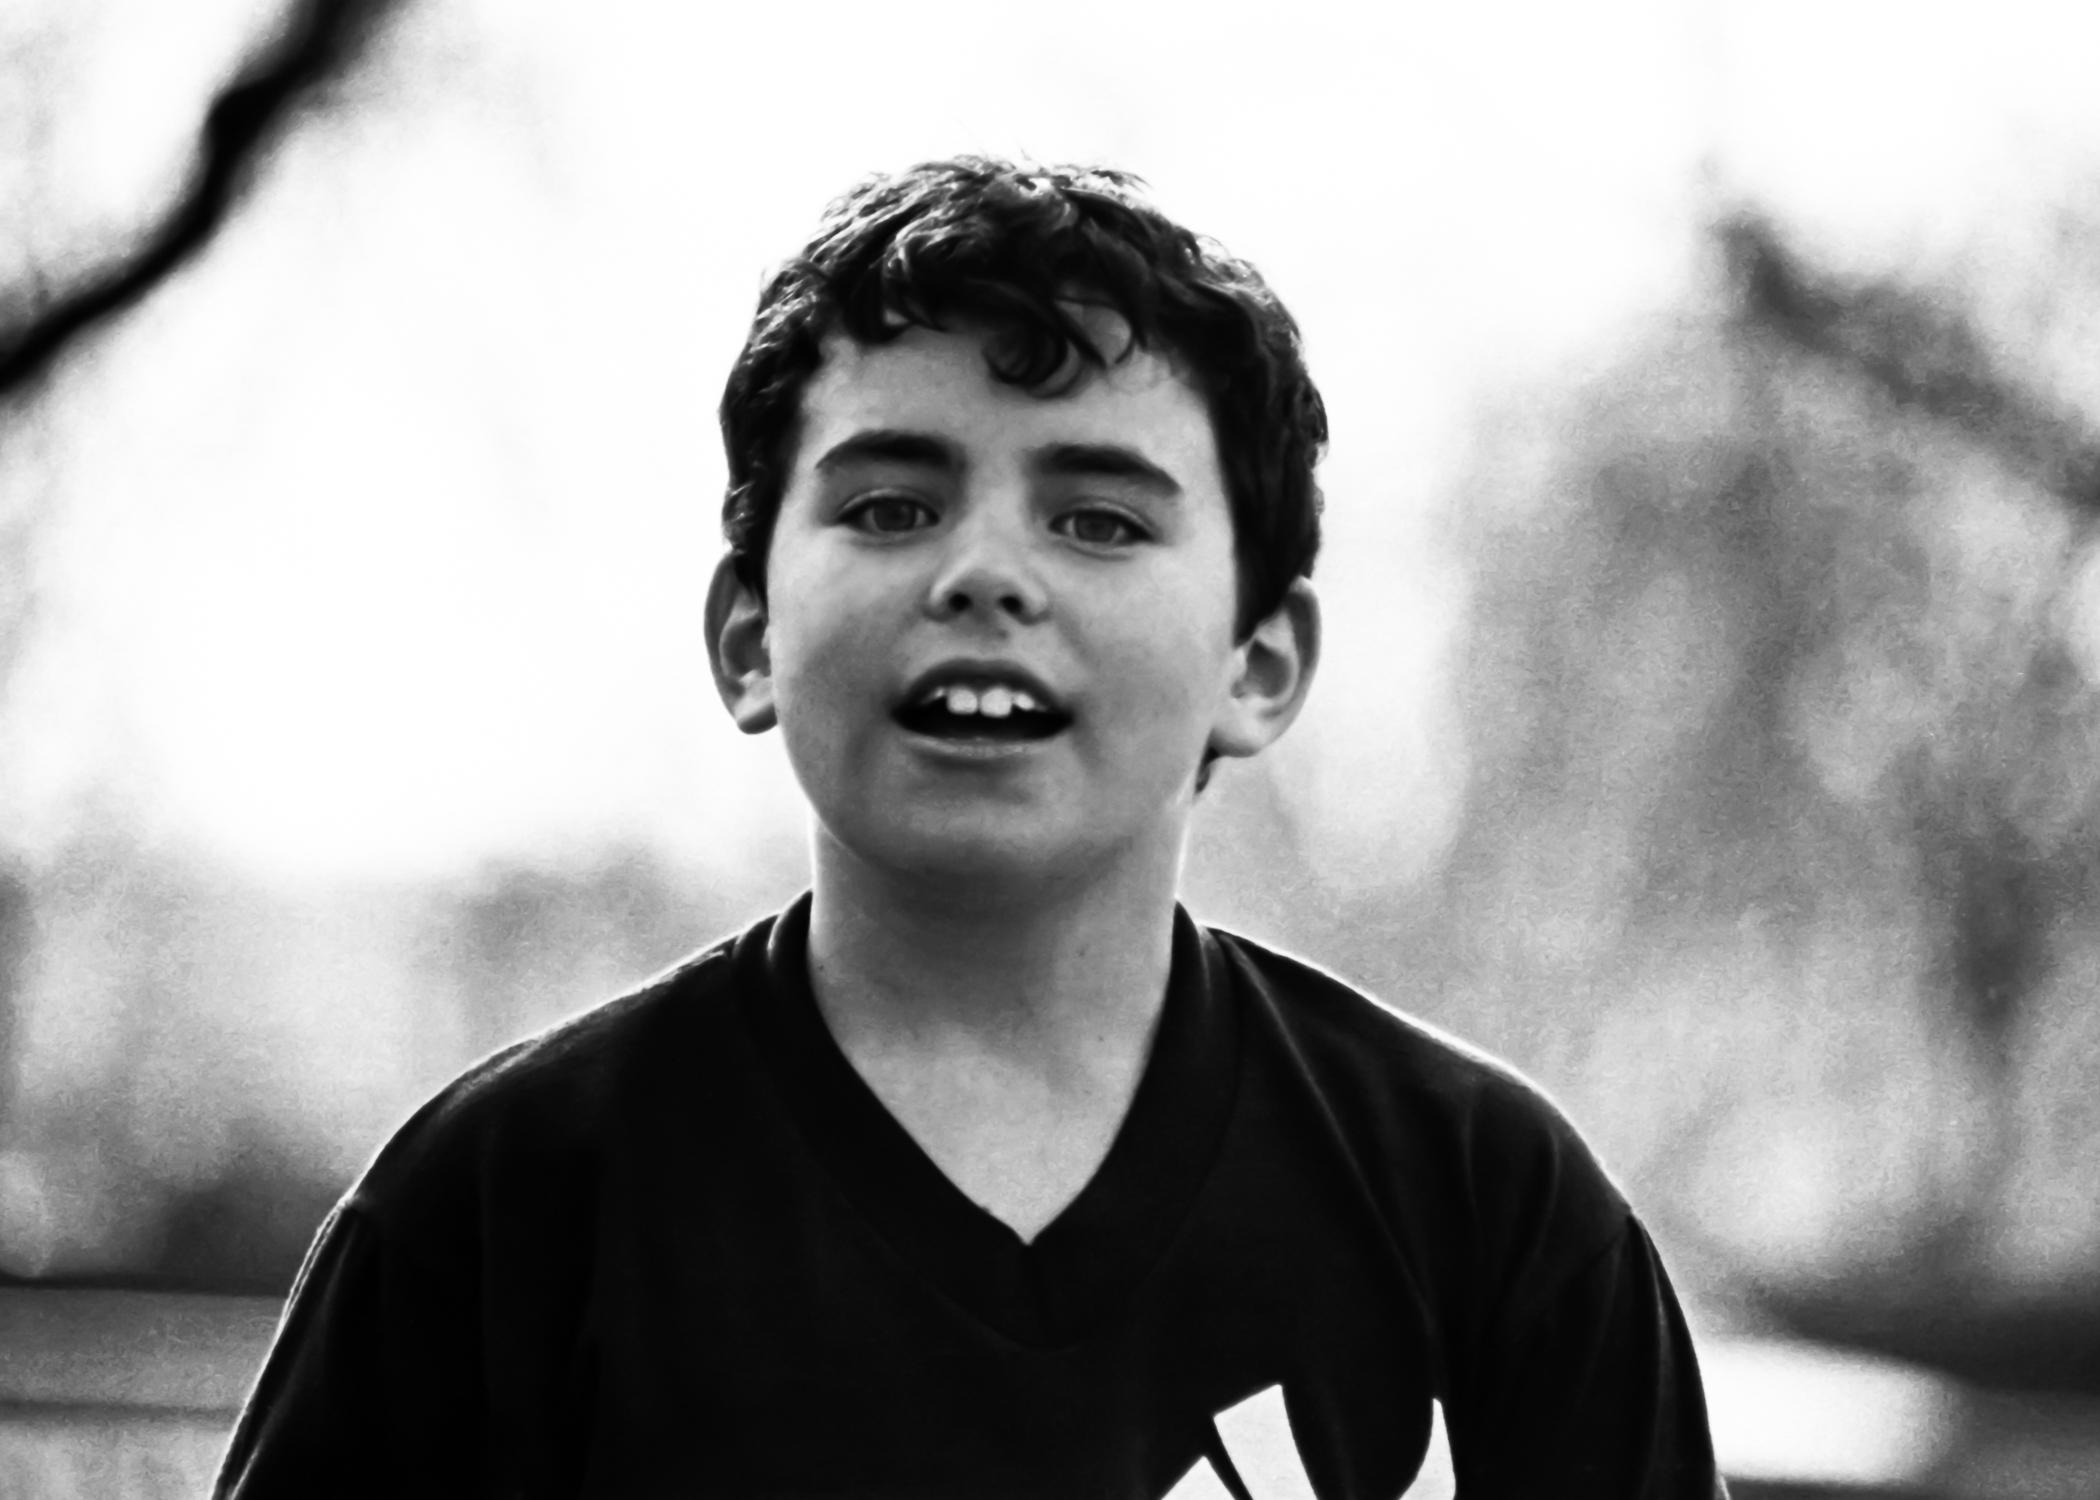 Adam '98